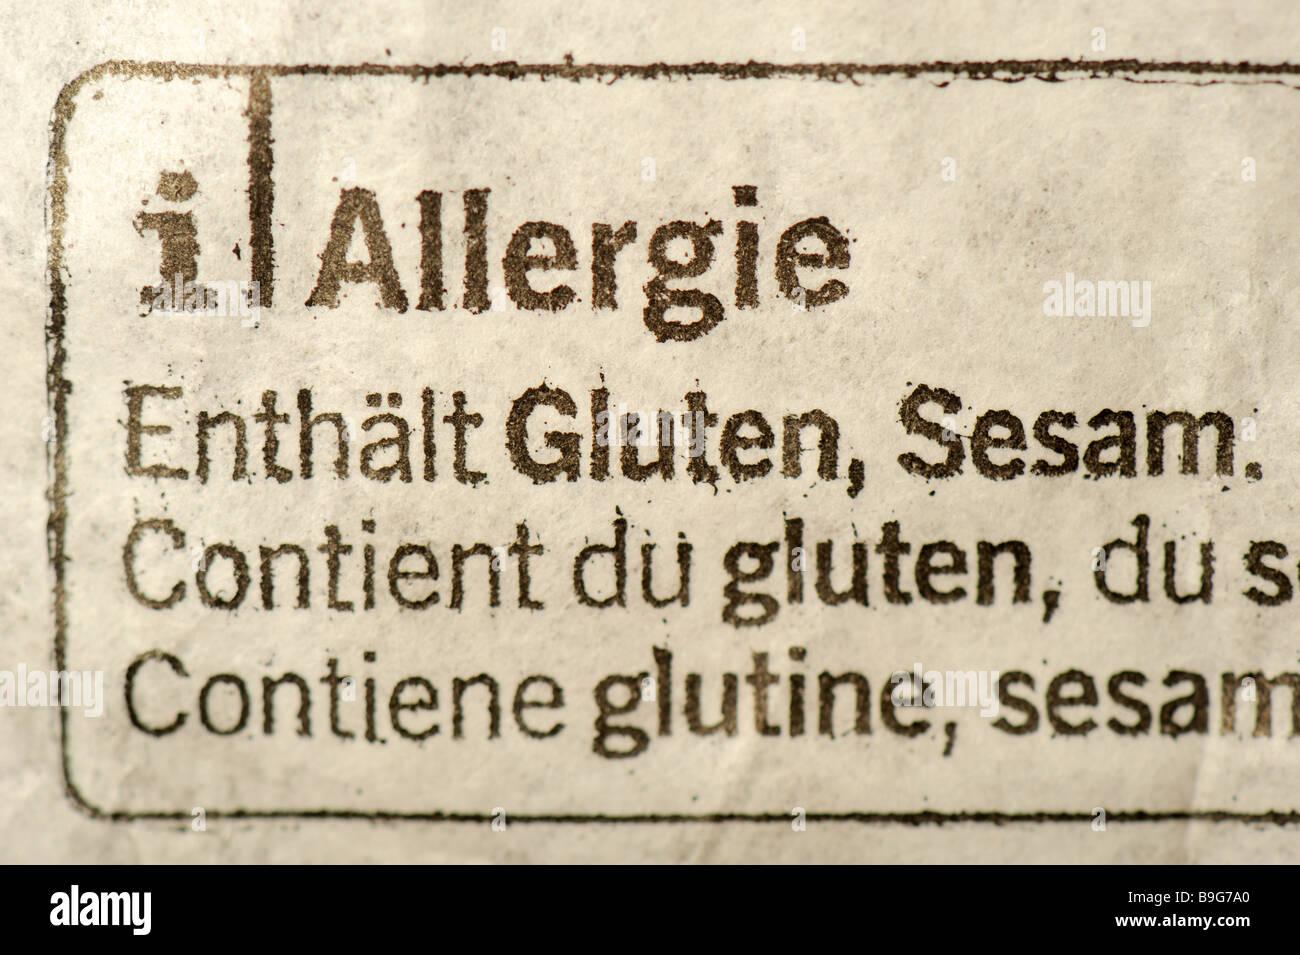 Allergie. Gründsätzen zum Inhaltsverzeichnis allergisches Potential auf ein Paket von Lebensmitteln: Sesam Stockbild